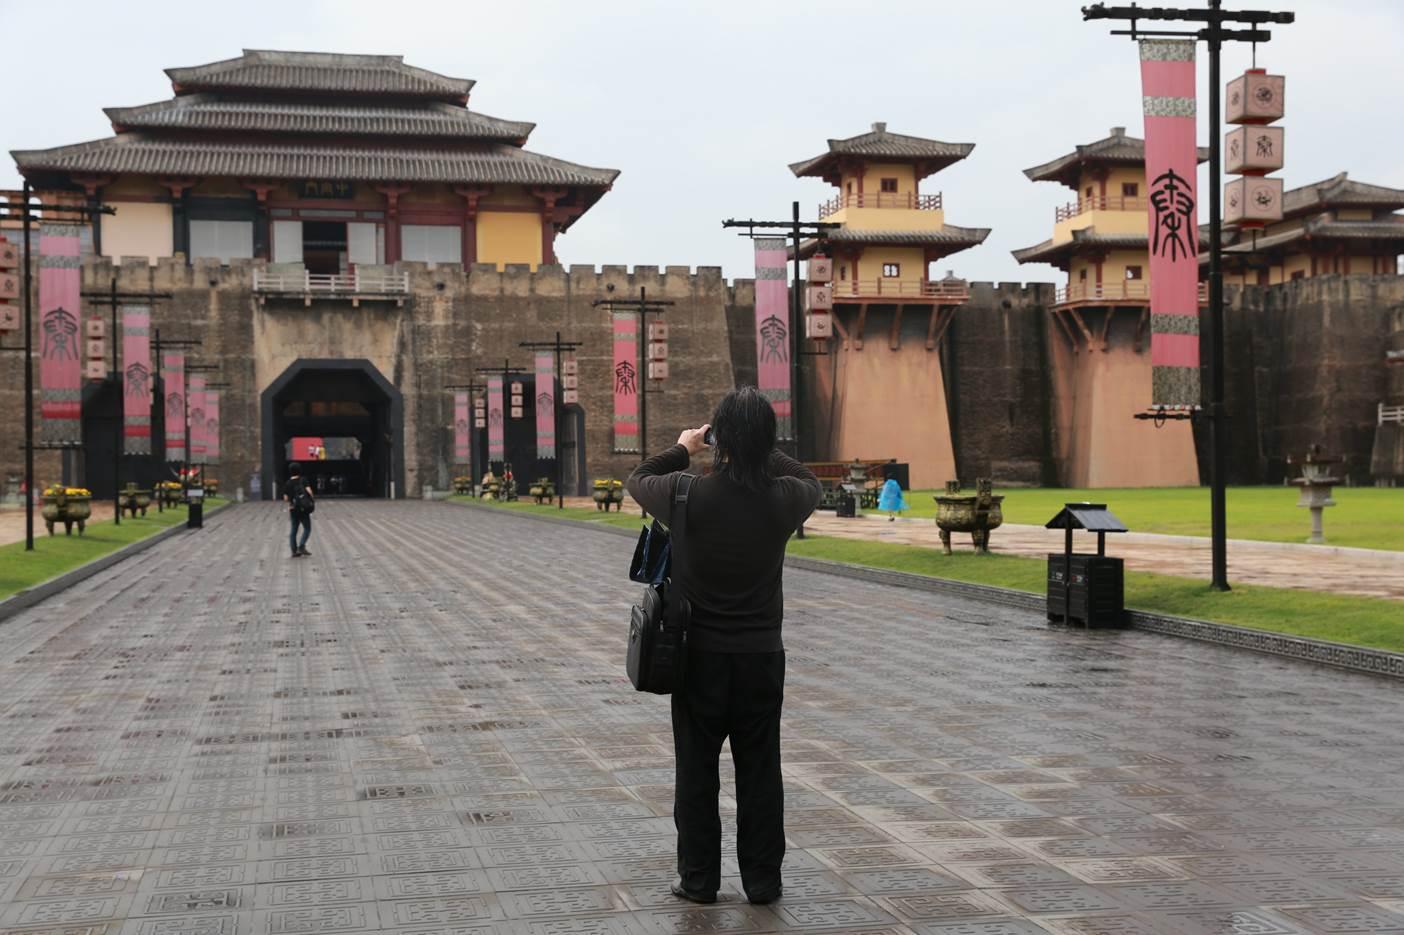 秦王宮的細節也是動畫製作團隊考察重點之一